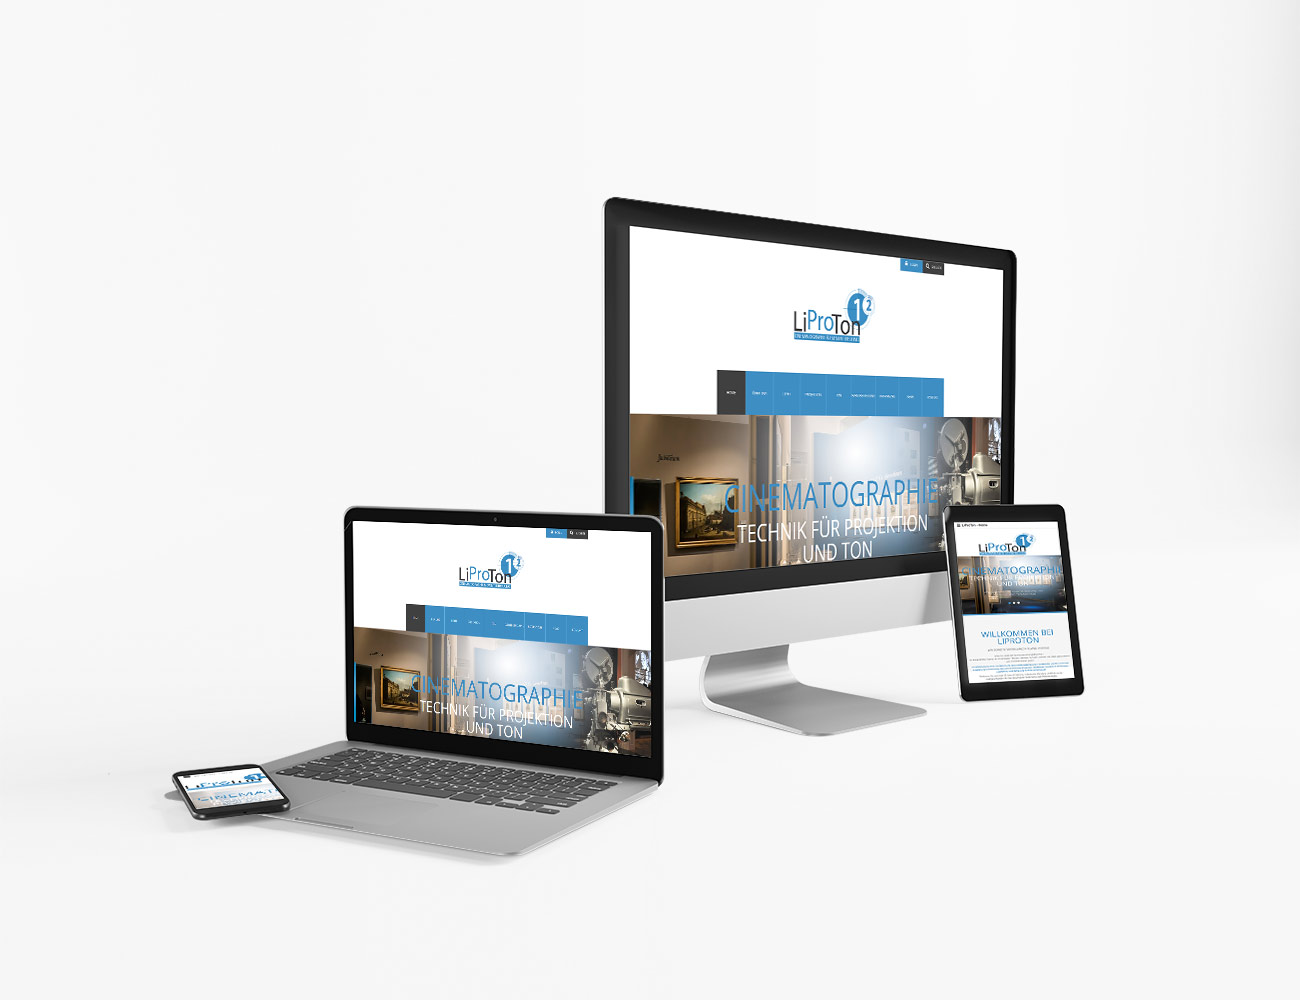 Die Webseite von LiProTon ist online | webundwerbung.at